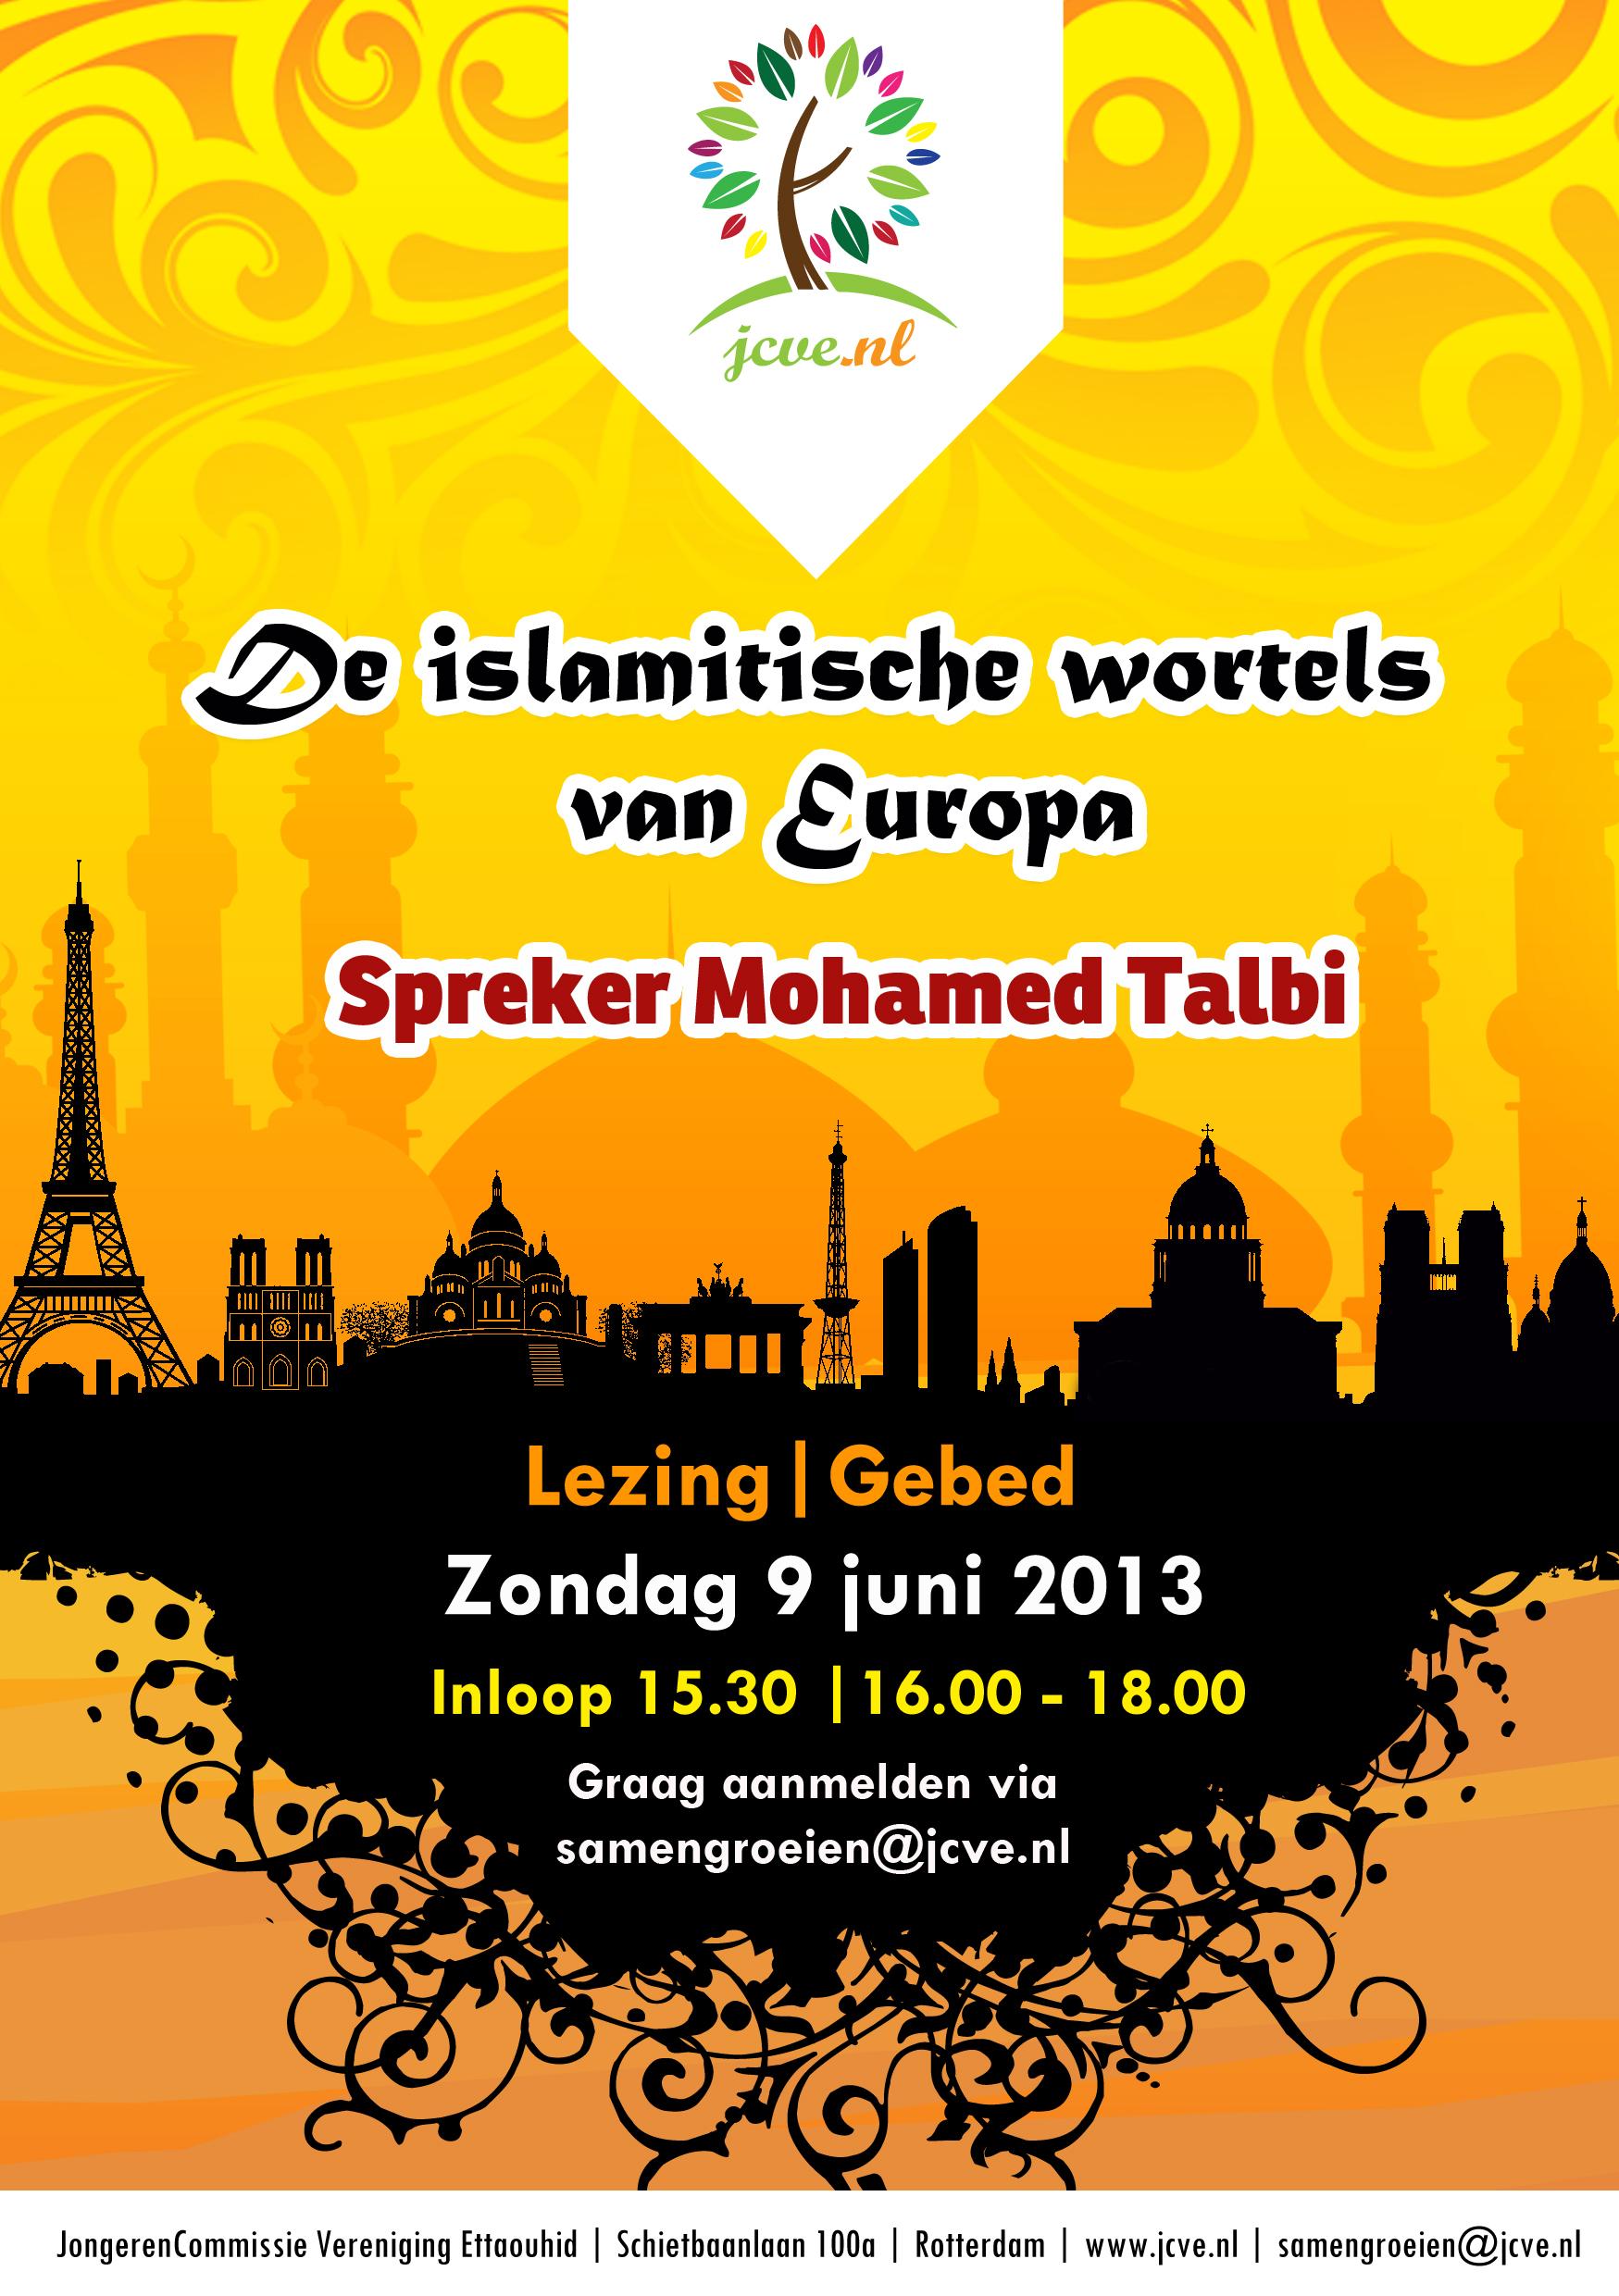 De islamitische wortels van Europa